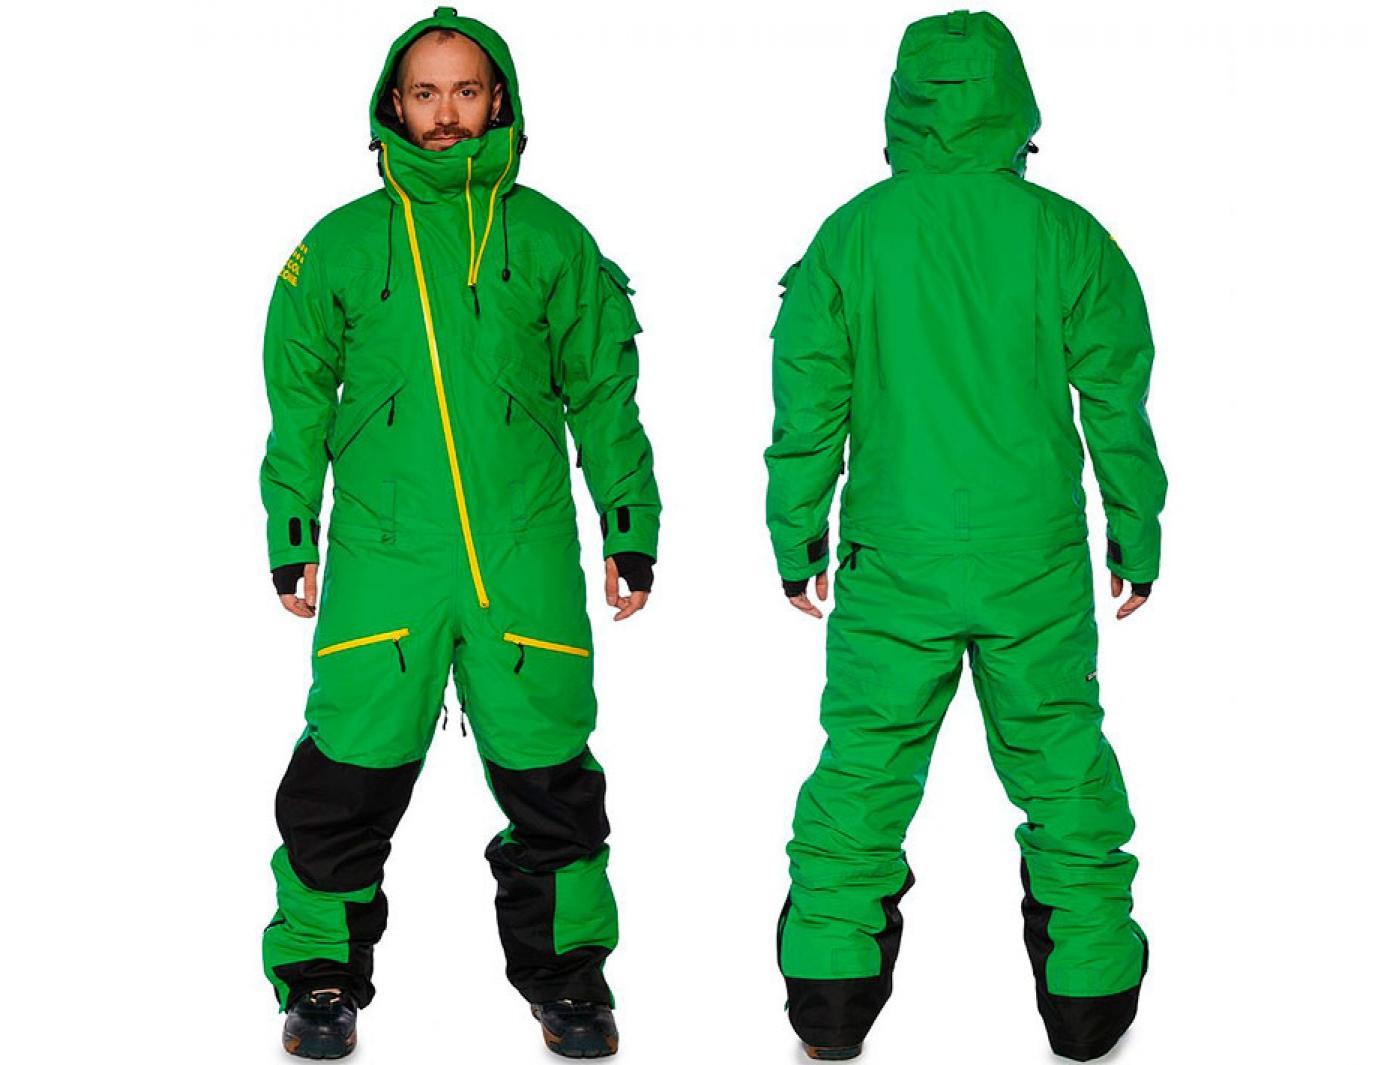 комбинезон cool zone kite 44к03 зеленый (2018)